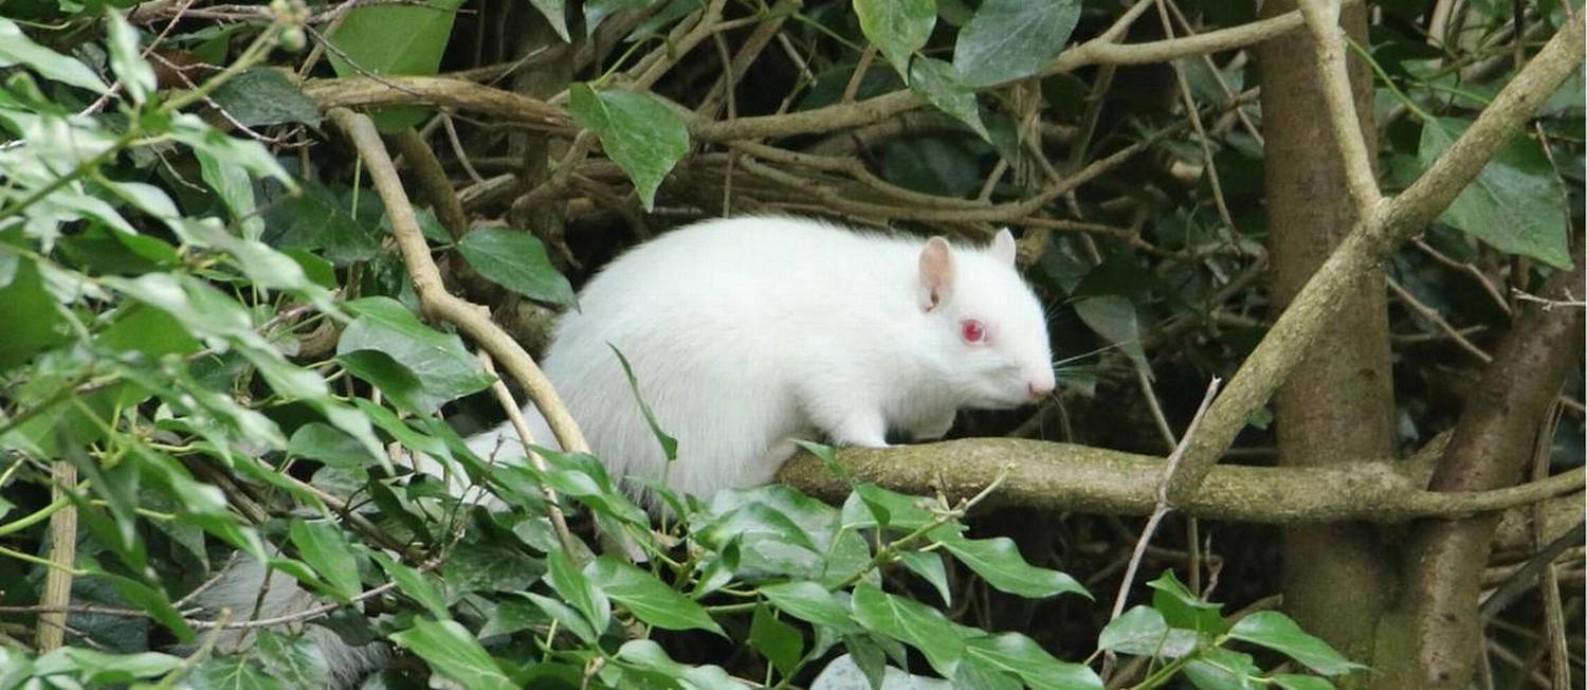 Raro esquilo albino foi avistado por fotógrafo amador às margens de canal no interior da Inglaterra: estima-se que apenas cerca de 50 animais do tipo vivam no Reino Unido Foto: / Stephen Plant